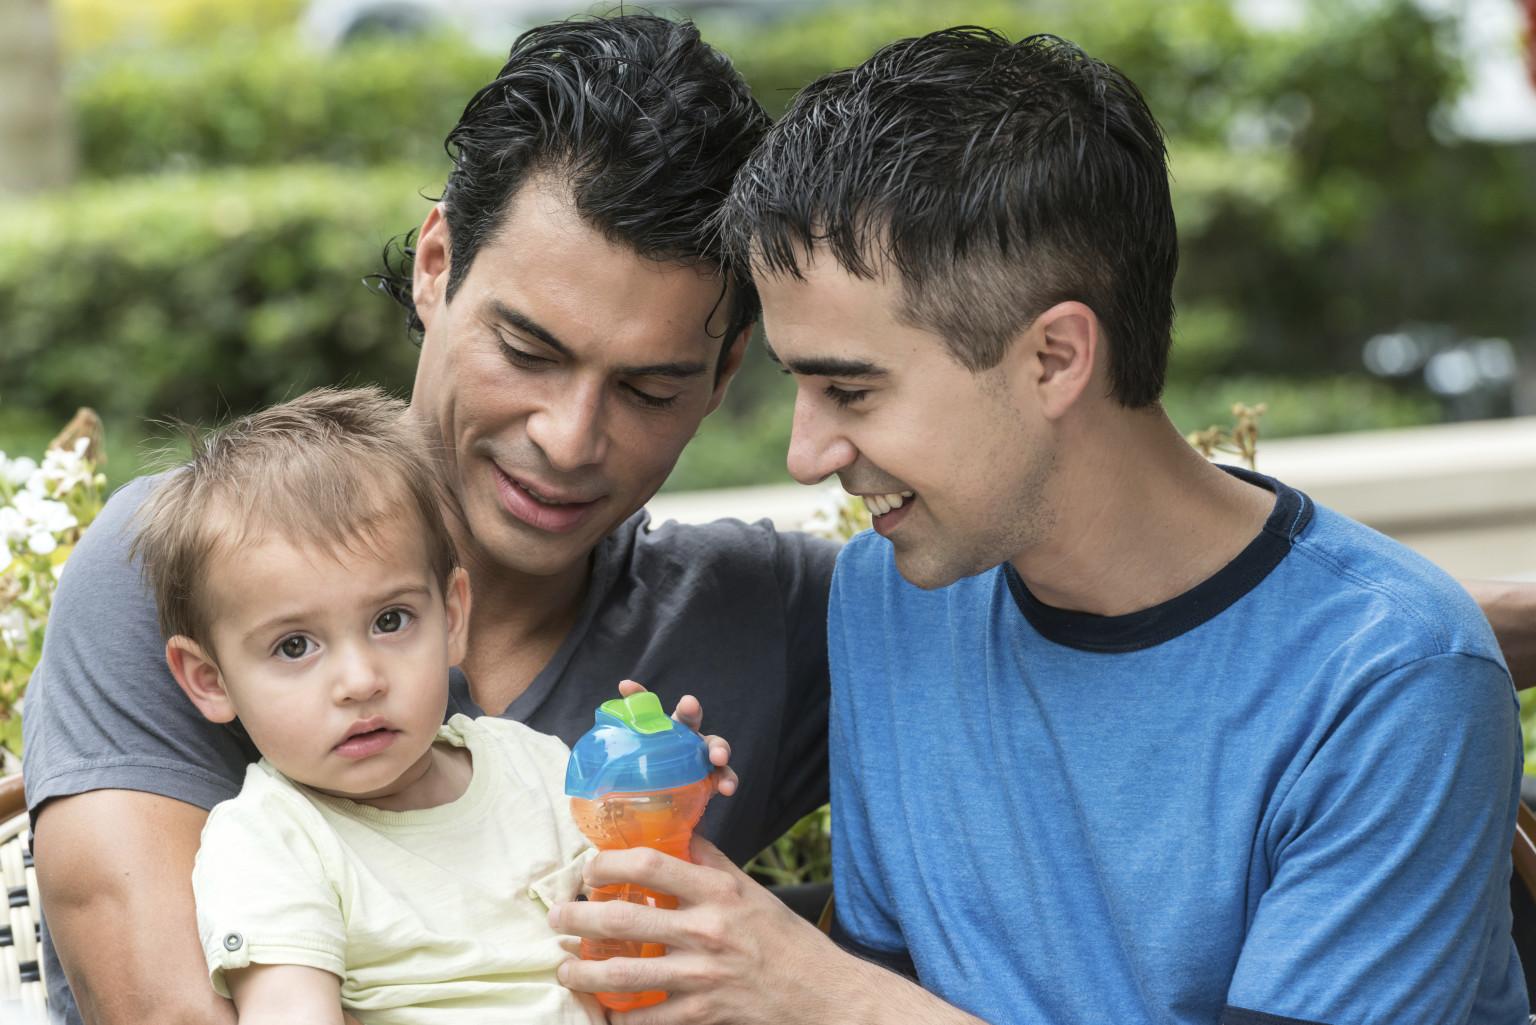 Gay family members